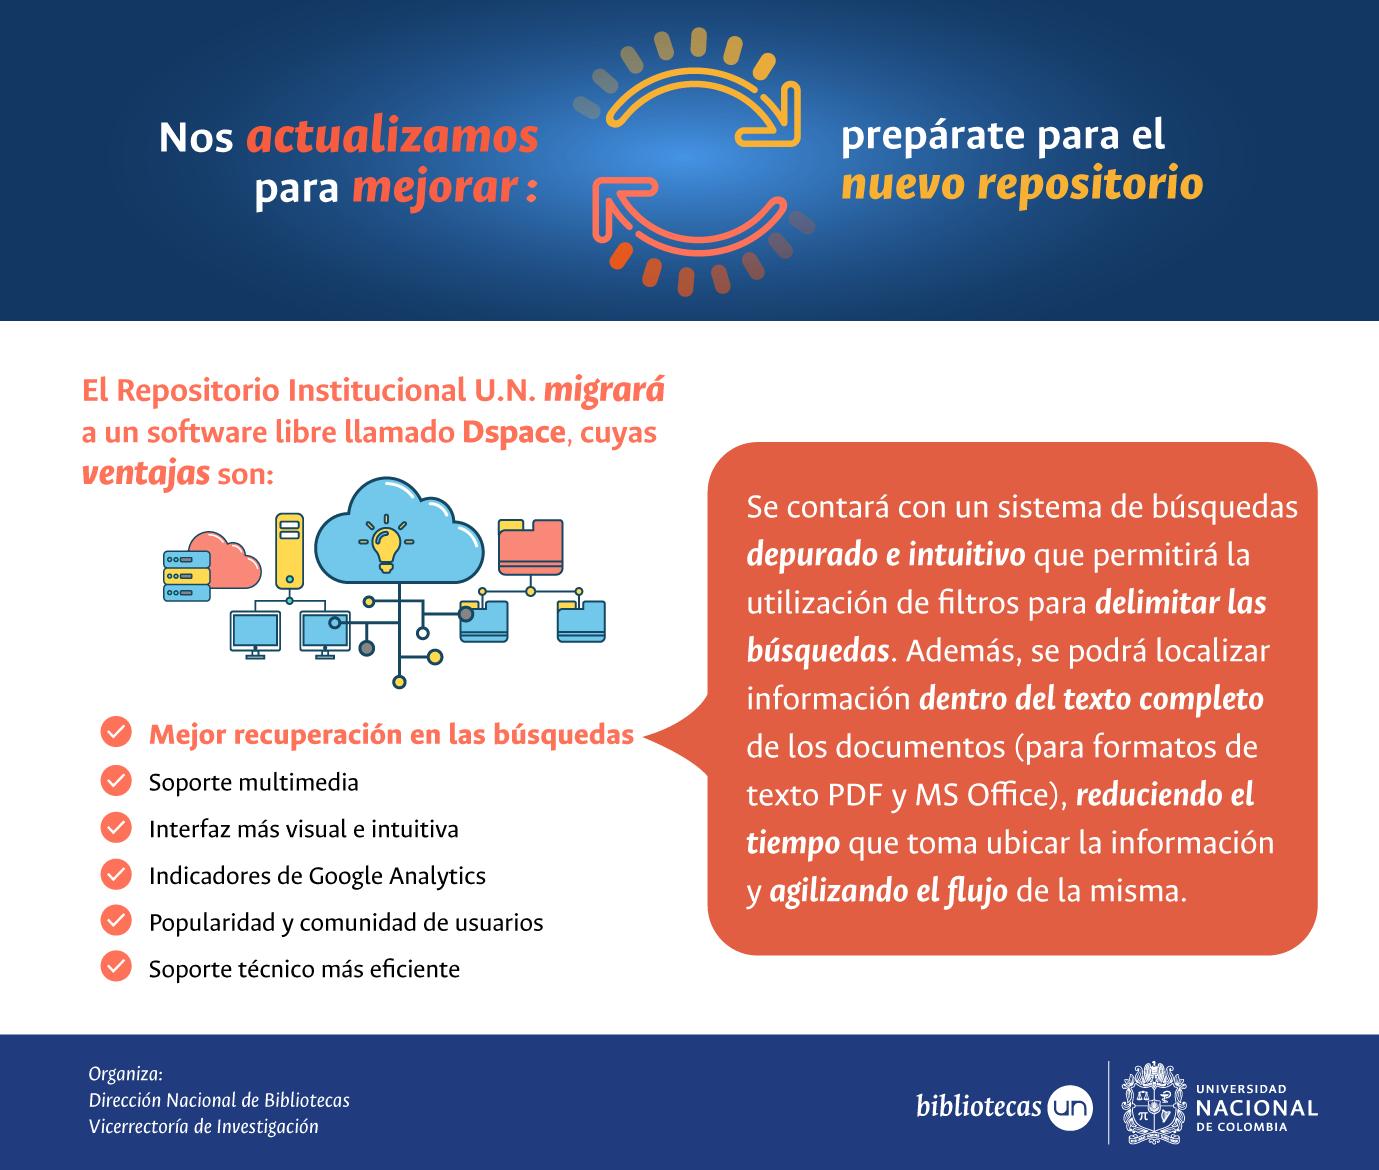 ¿Conoces el Repositorio Institucional de la               Universidad Nacional de Colombia?